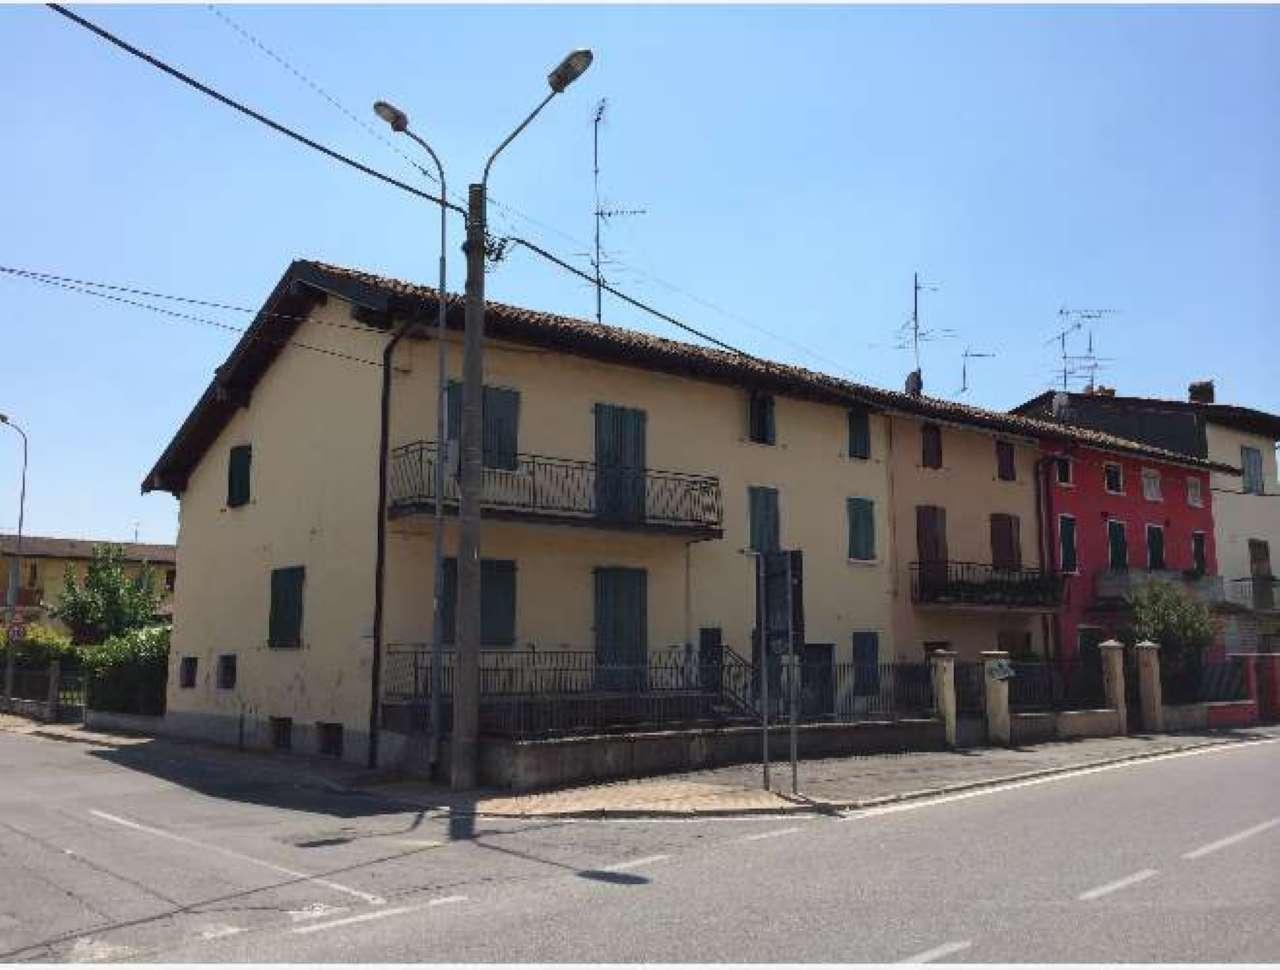 Ufficio / Studio in vendita a Capriano del Colle, 9999 locali, Trattative riservate | PortaleAgenzieImmobiliari.it